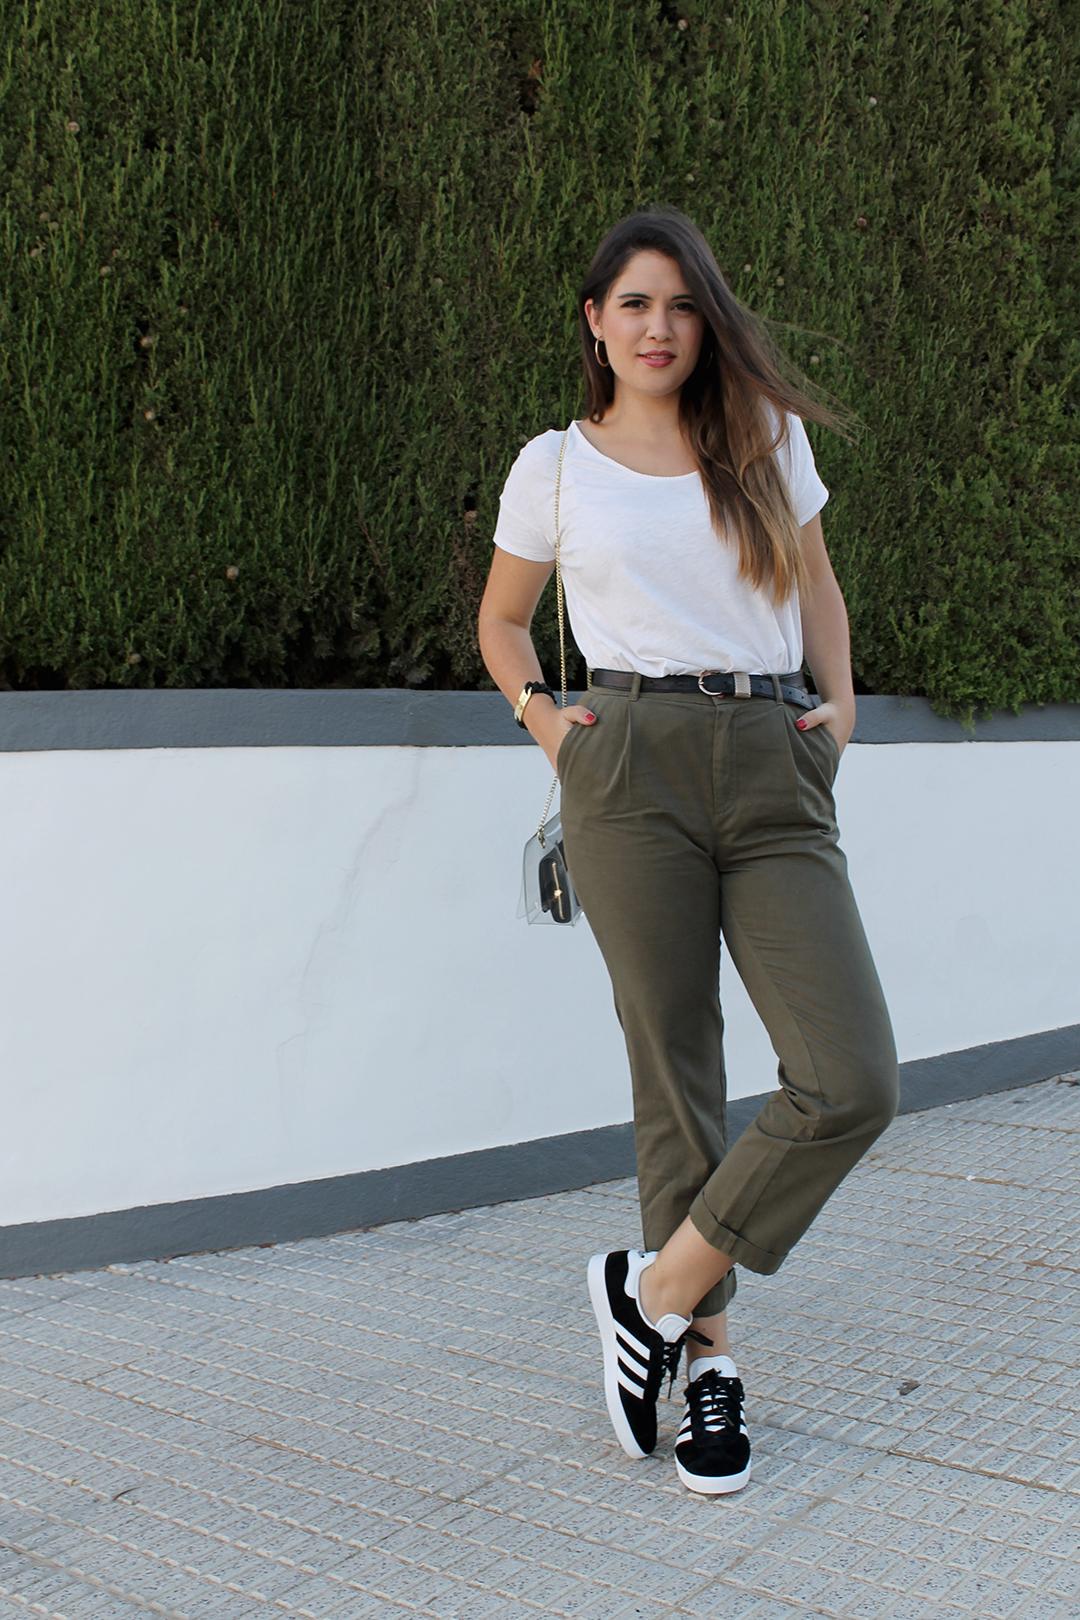 adidas_gazelle_13